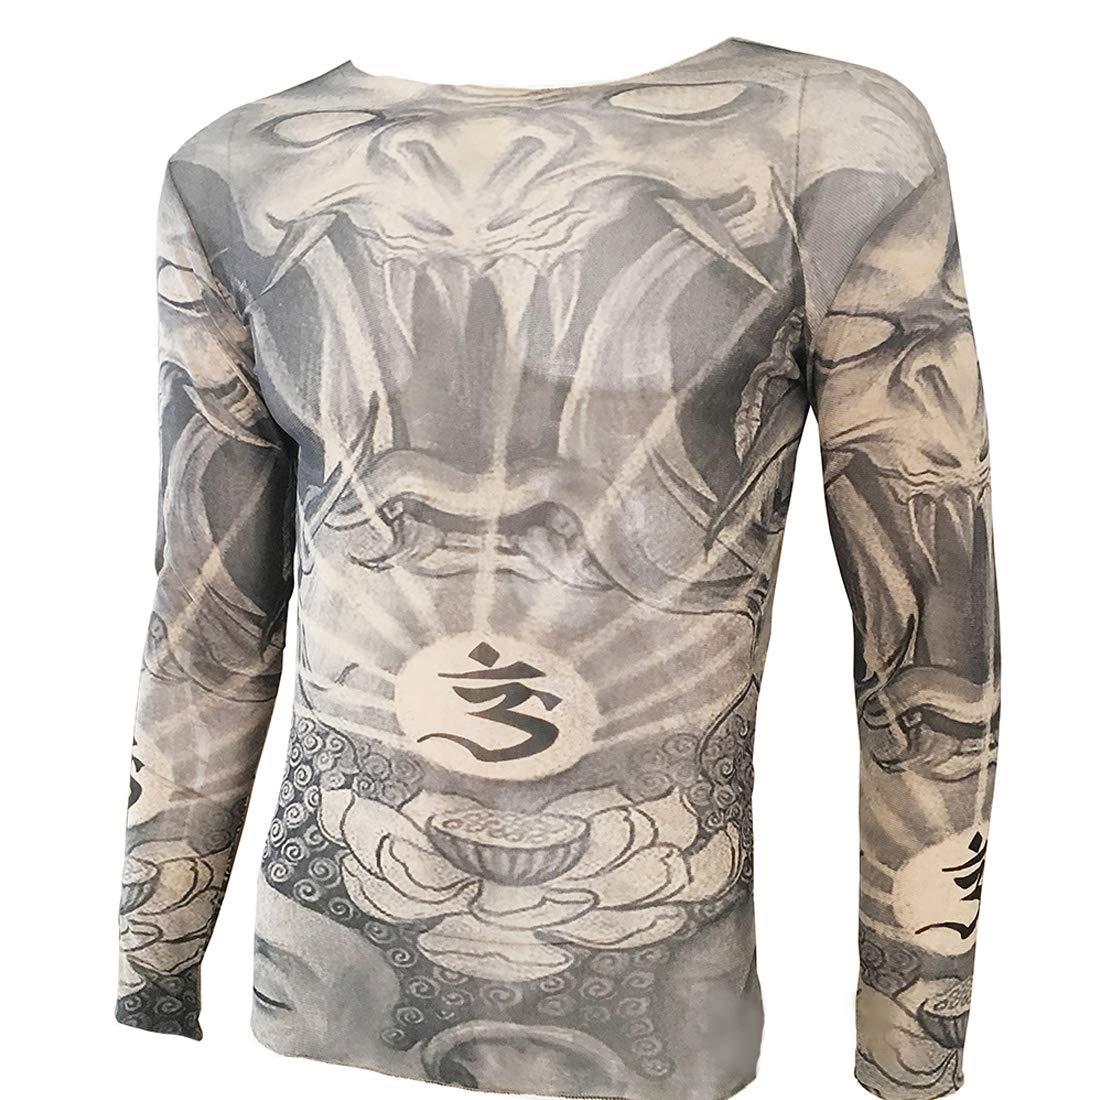 Kehuashina Wonderland Lotus Tattoo Sport T-Shirt Tattoo Tops Biker Cyclin Fitness Plus Size